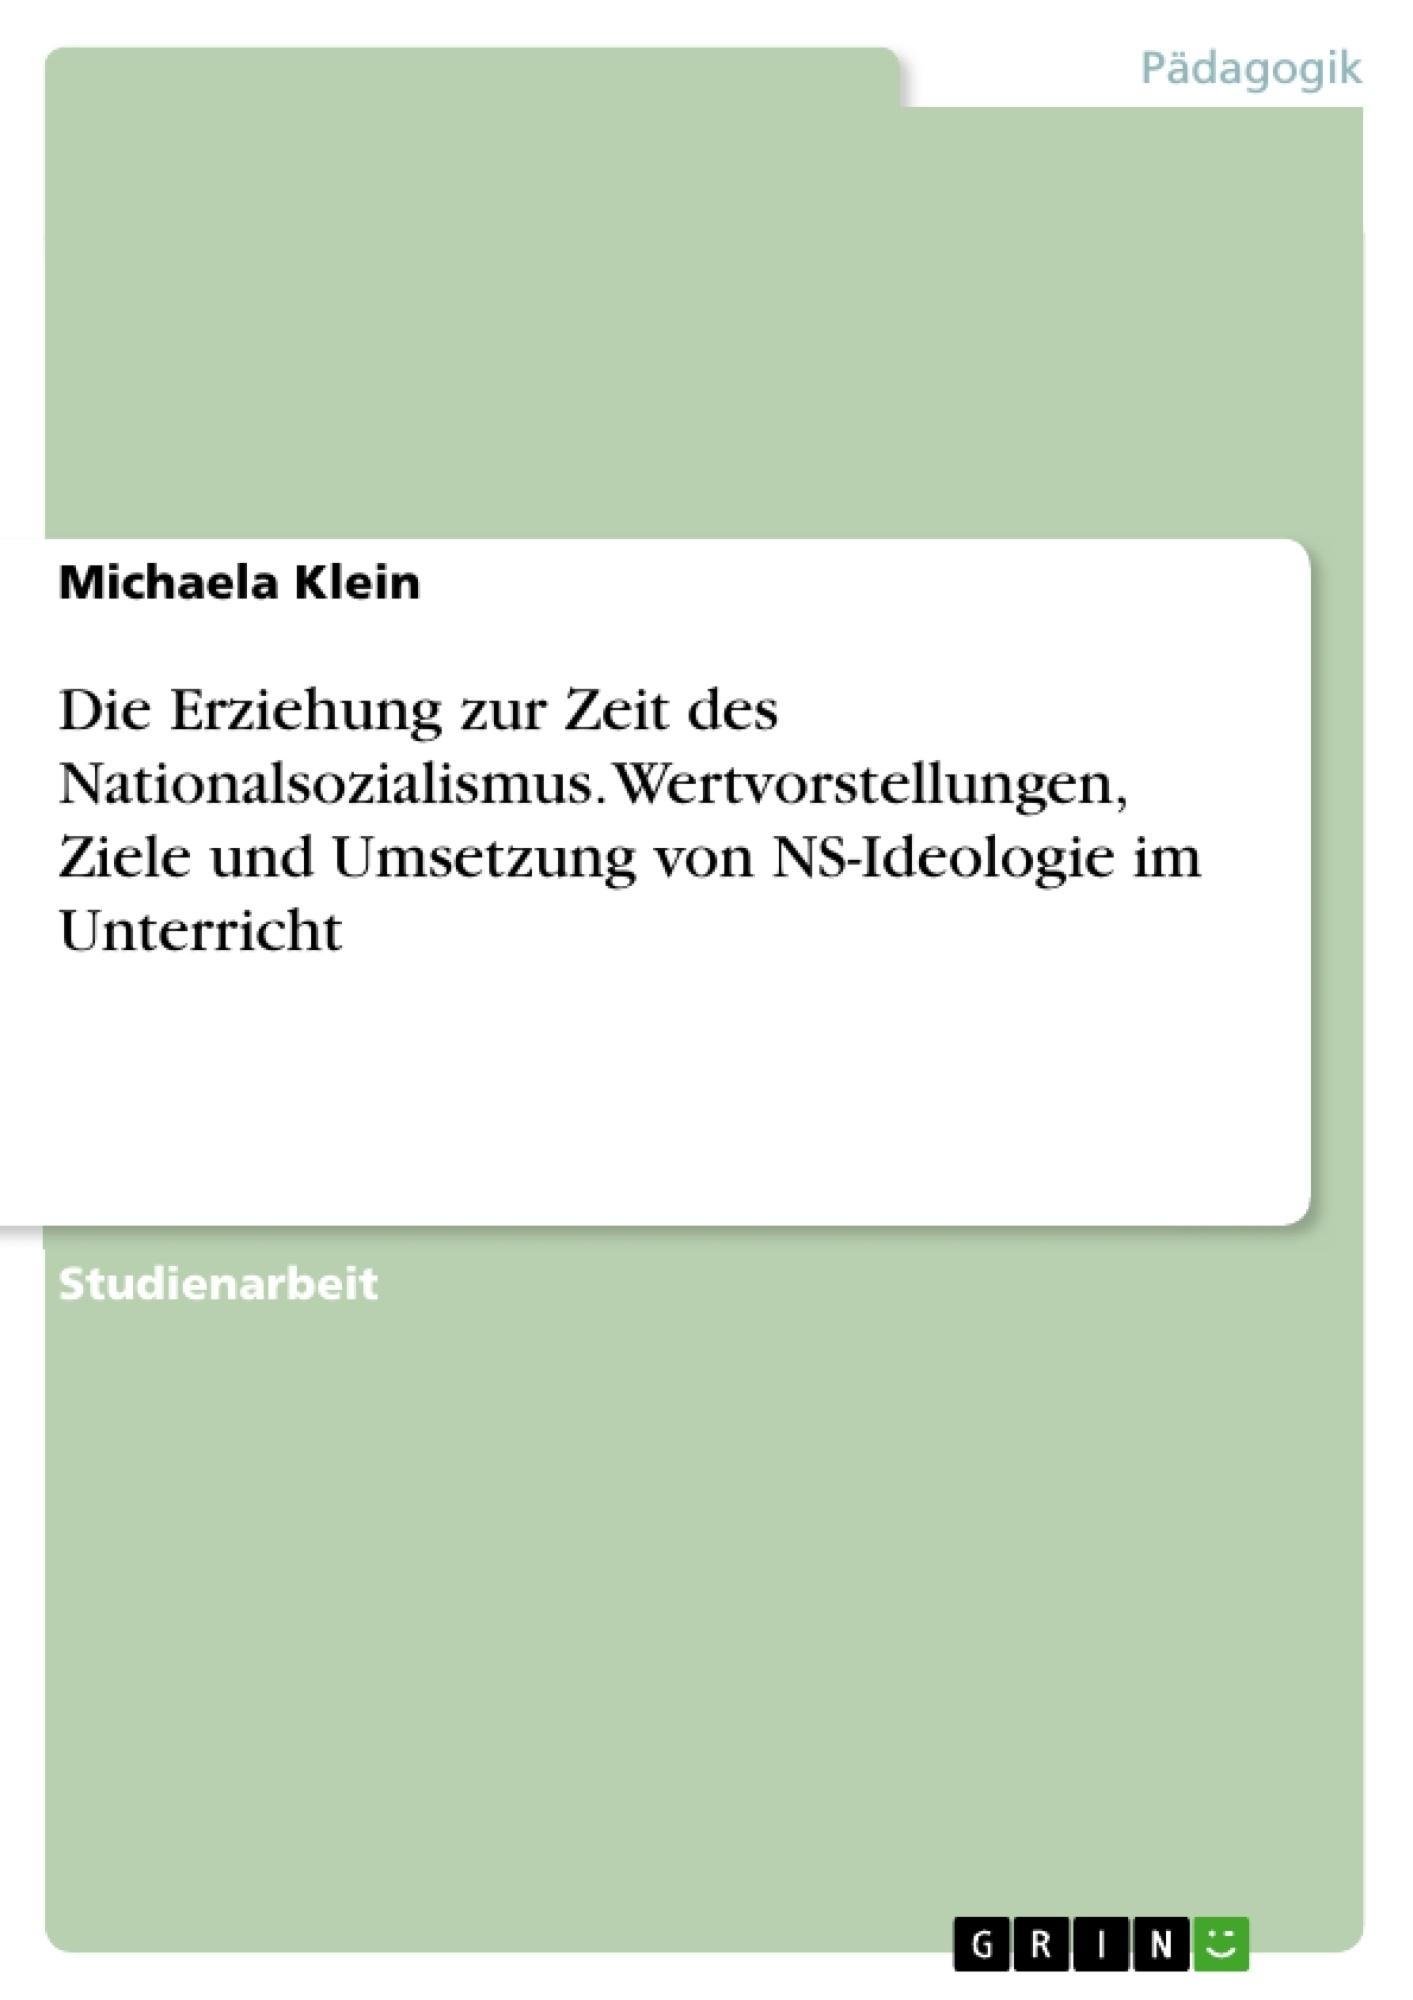 Titel: Die Erziehung zur Zeit des Nationalsozialismus. Wertvorstellungen, Ziele und Umsetzung von NS-Ideologie im Unterricht